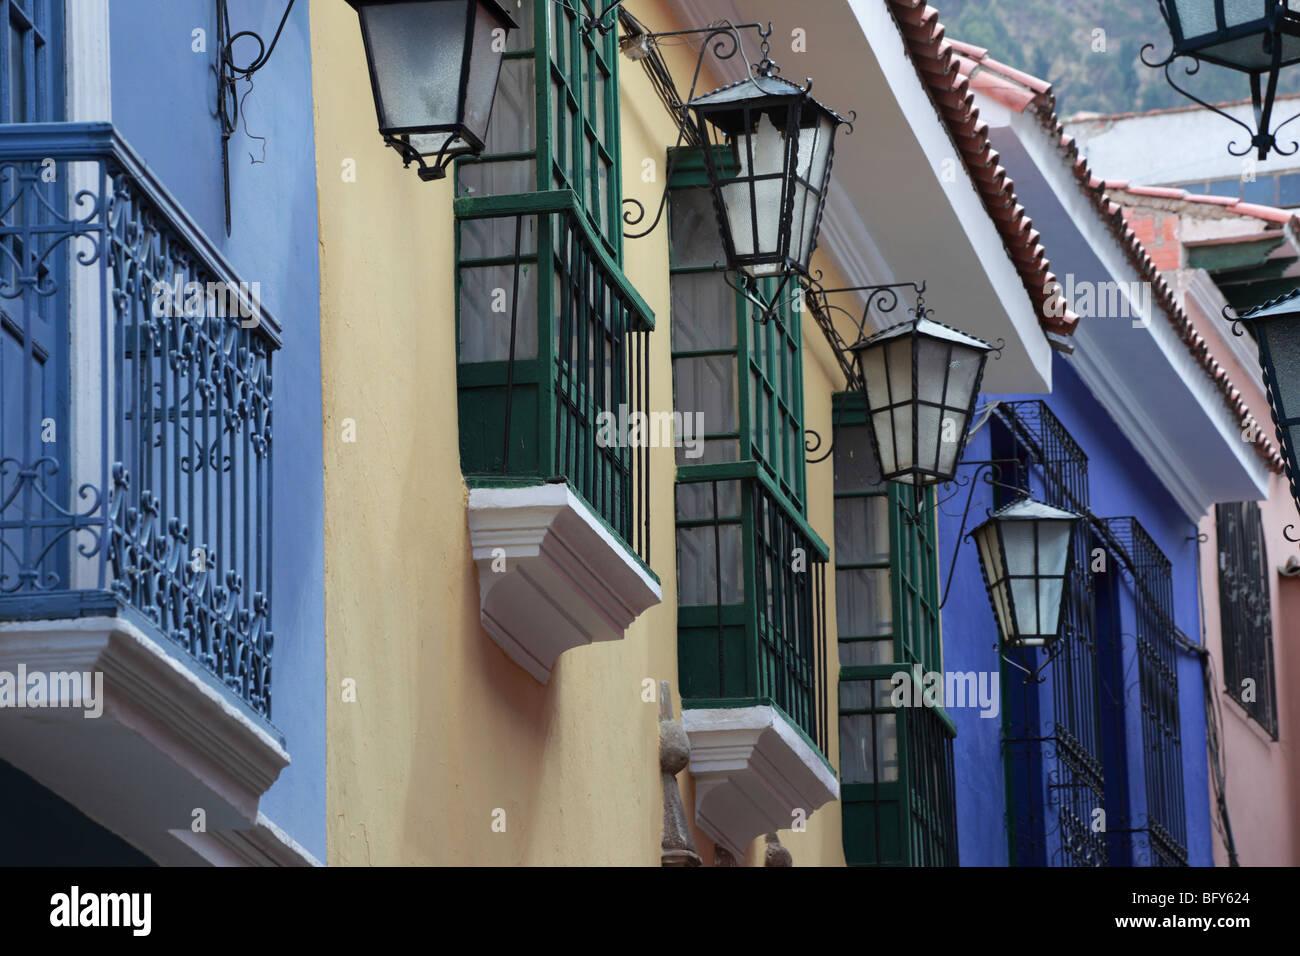 Gaslampen, Fenster und Balkone in Calle Jaen, der am besten ...